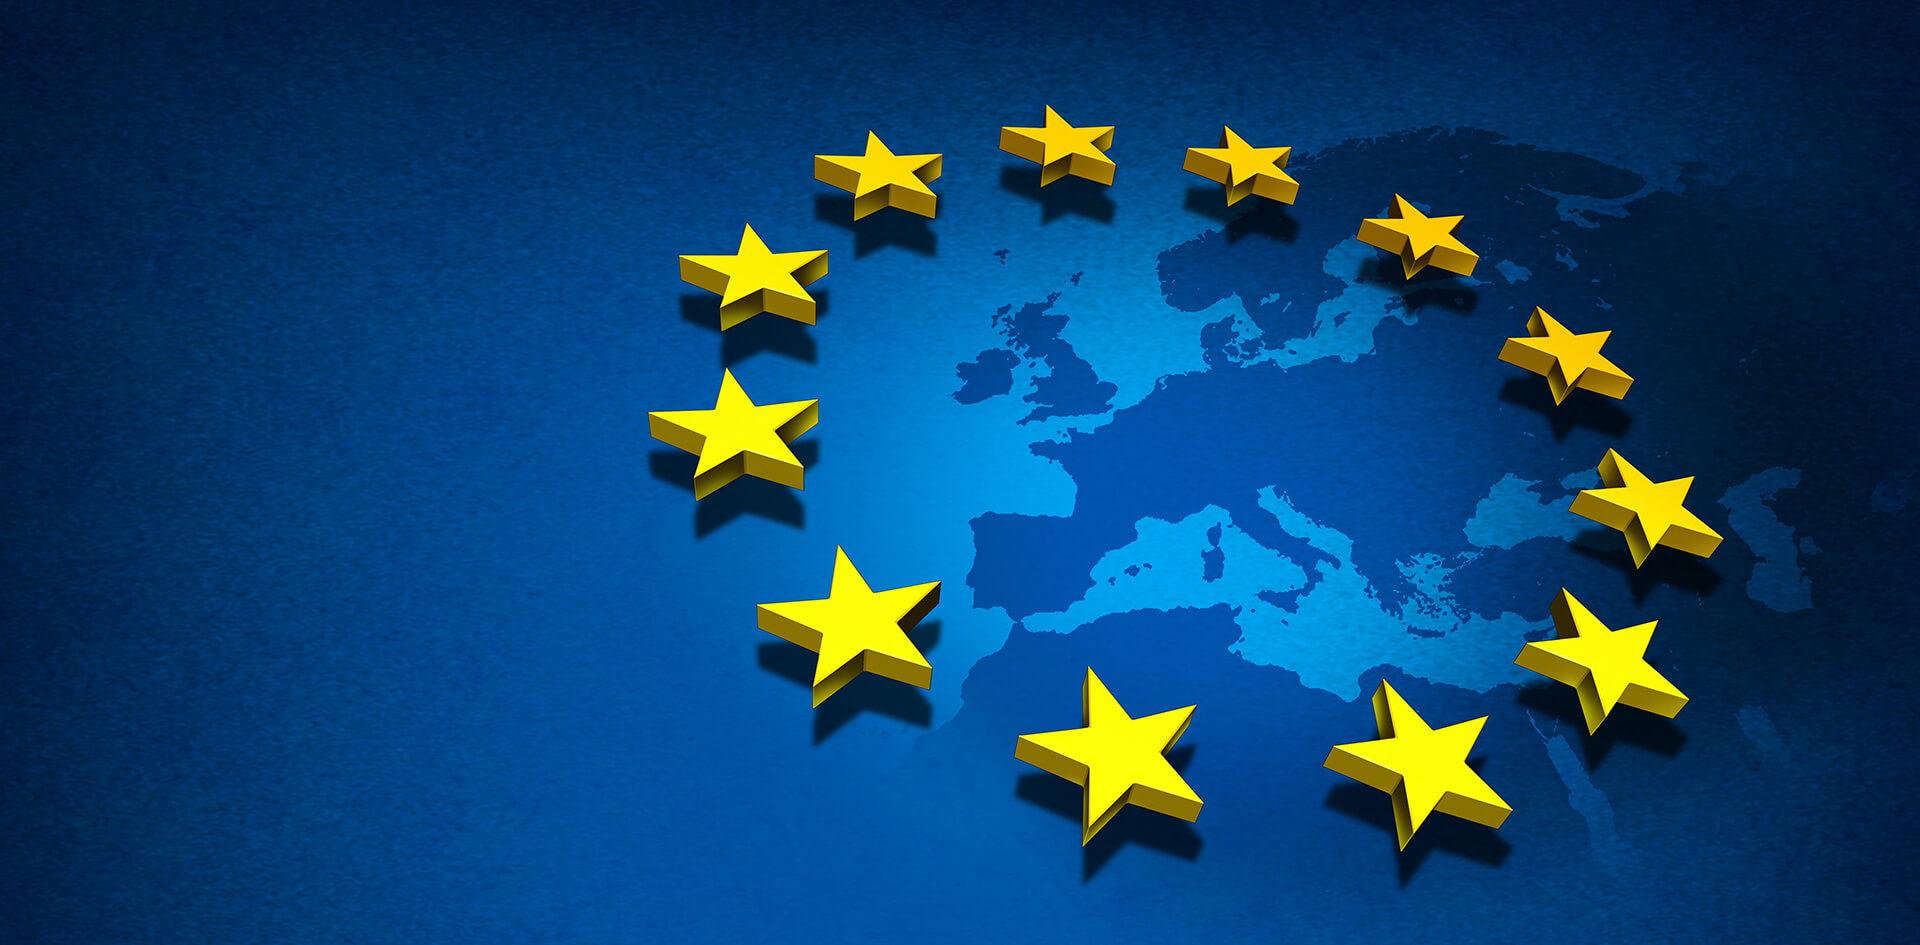 Európai uniós napelem pályázat és európai uniós napelem támogatás